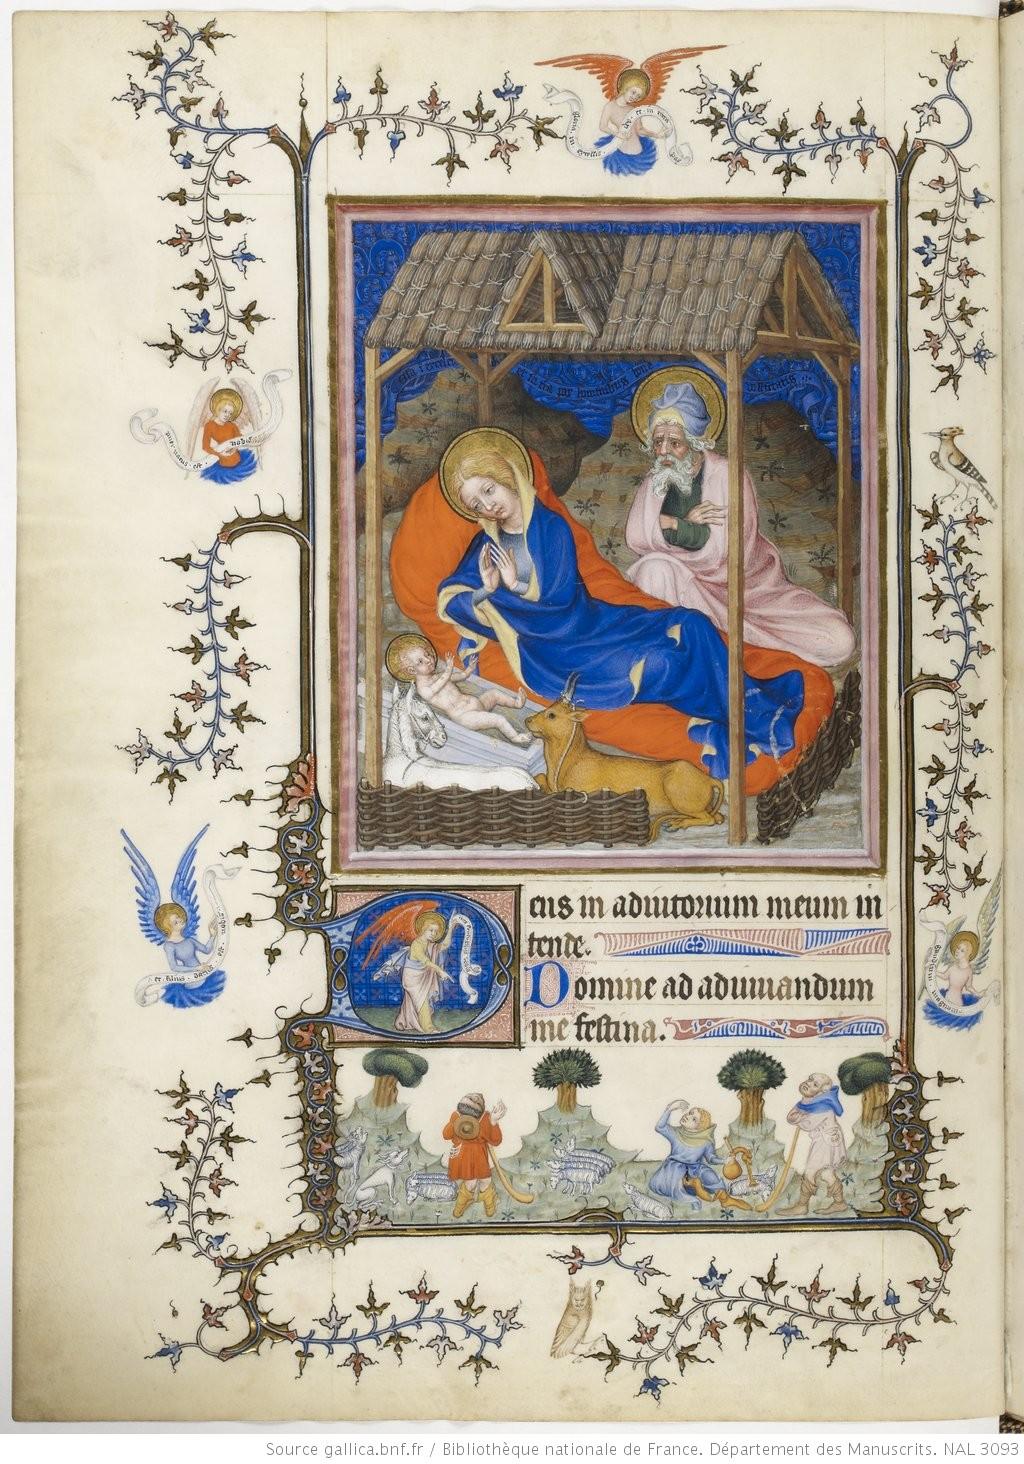 Nativite 1390-1410, Maitre du Parement de Narbonne, Tres Belles Heures de Notre-Dame, fol 41v. BNF n.a. lat. 3093 Gallica